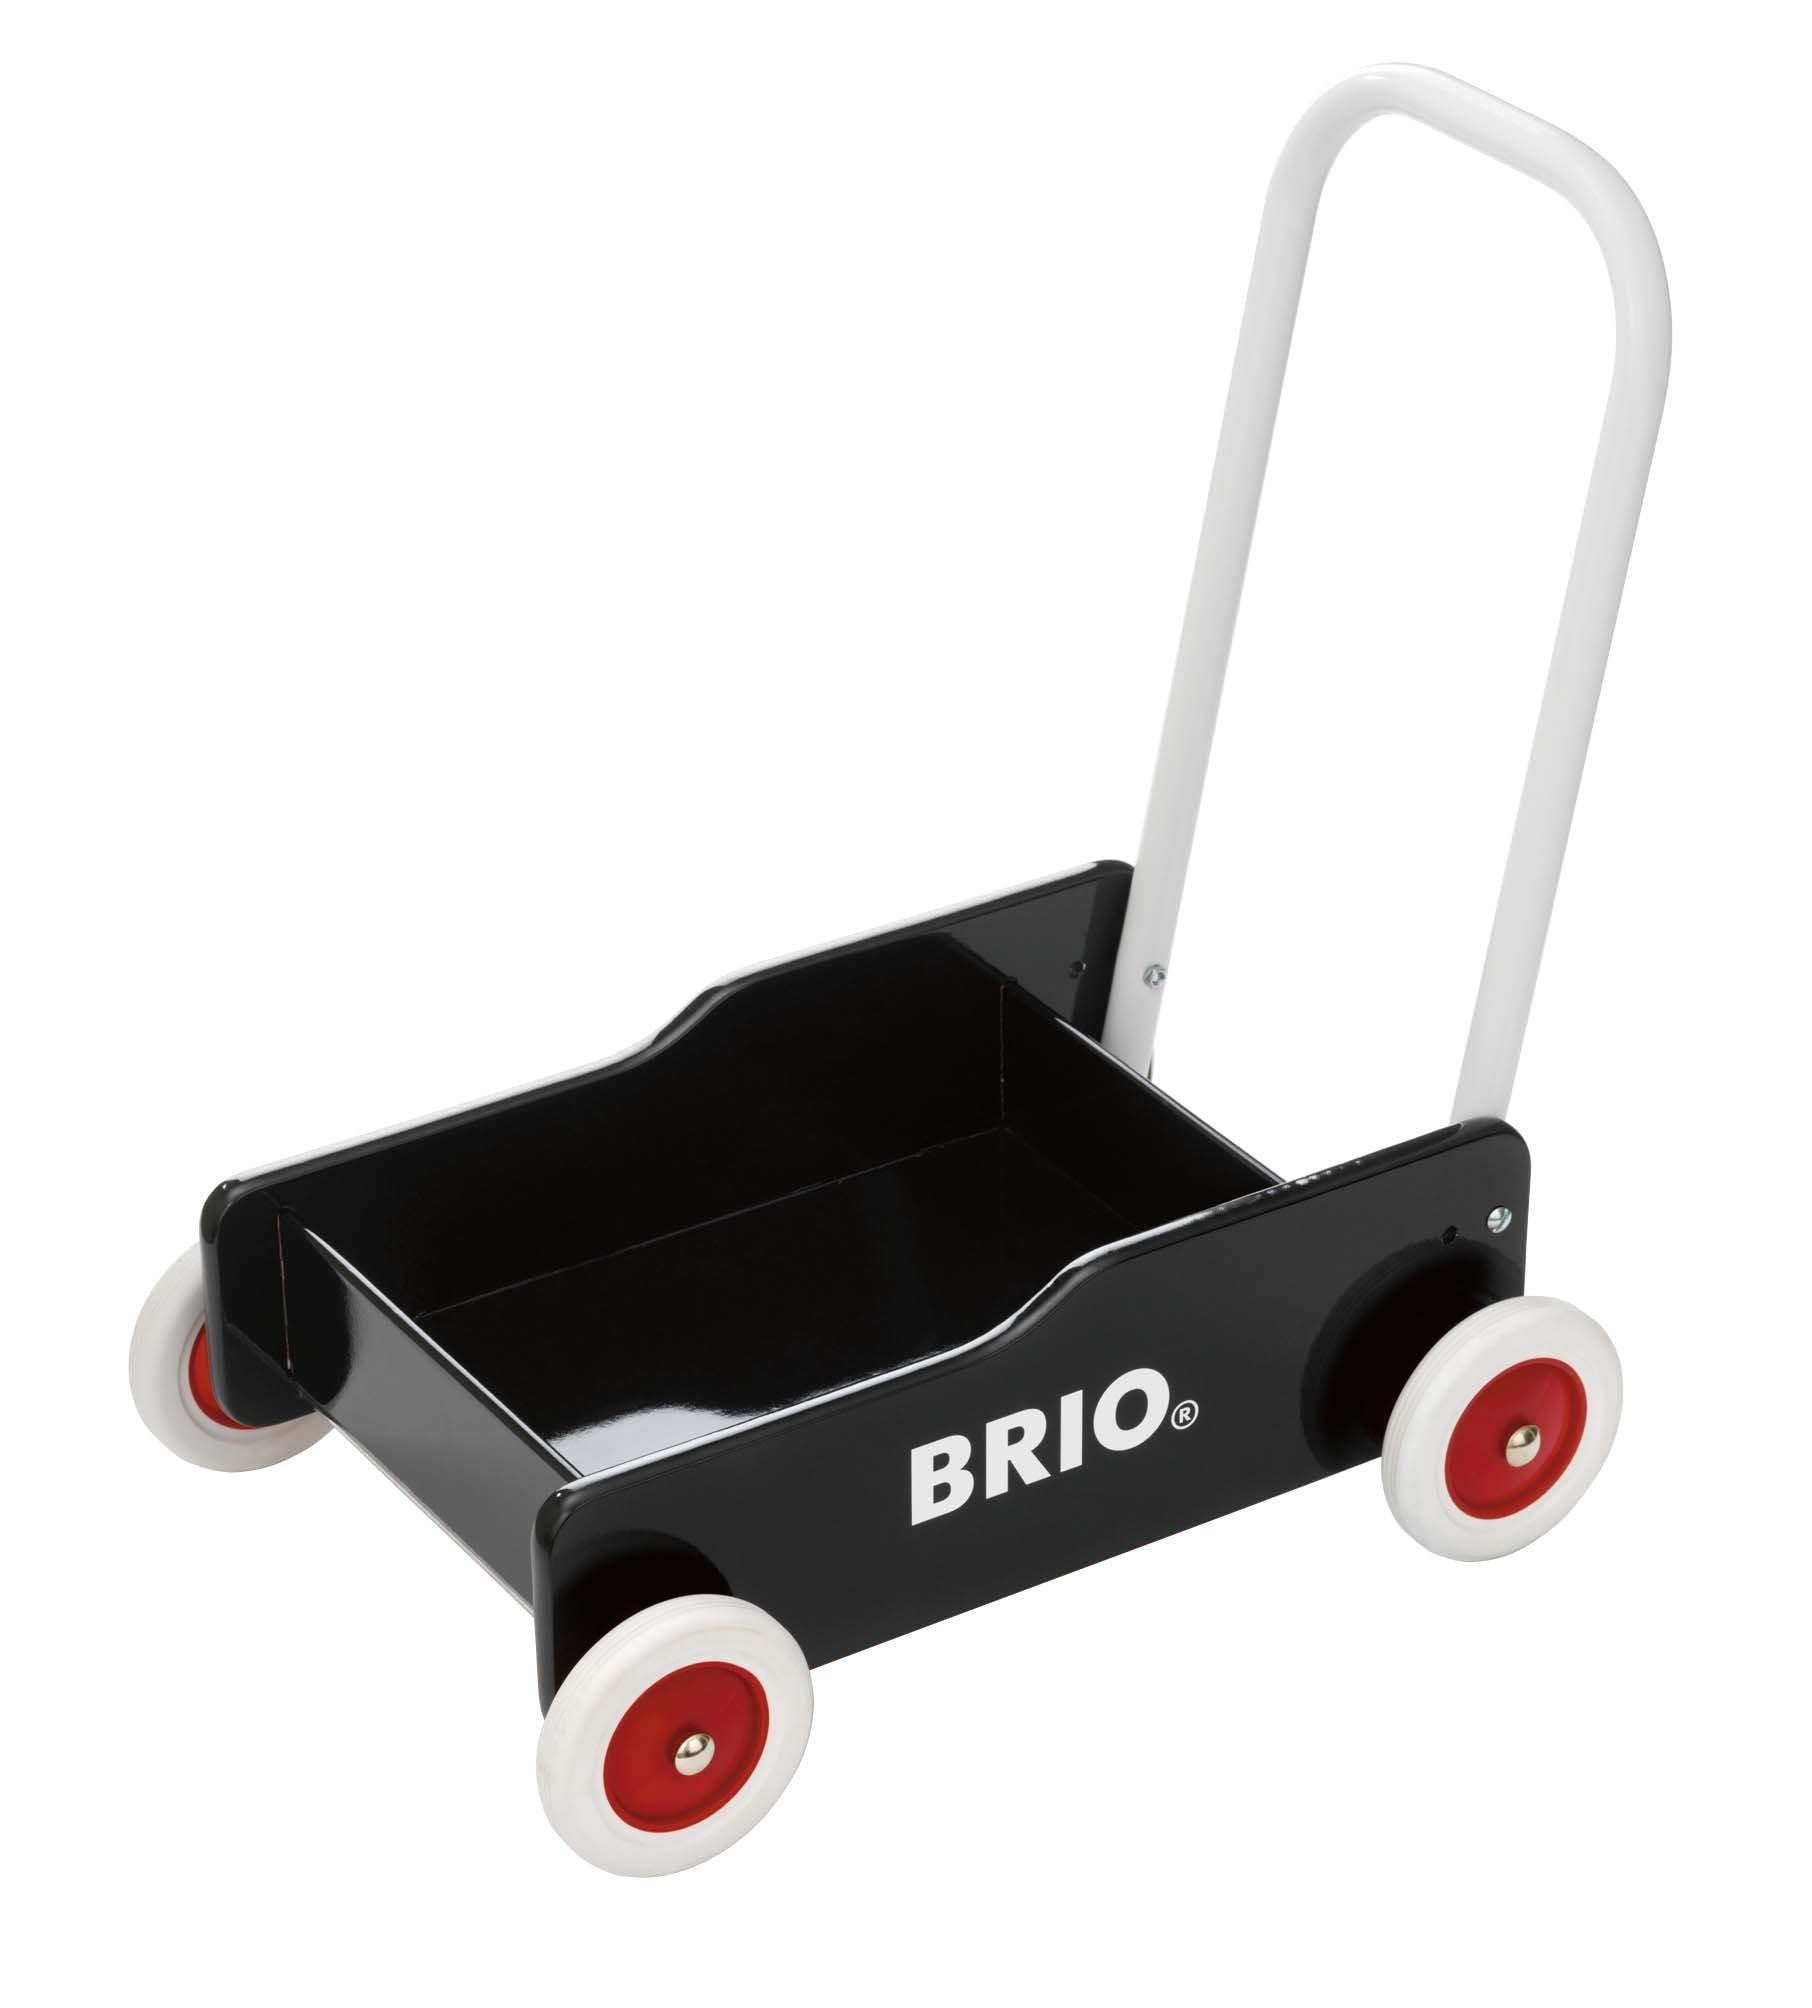 BRIO - 31351 - CHARIOT DE MARCHE - NOIR product image